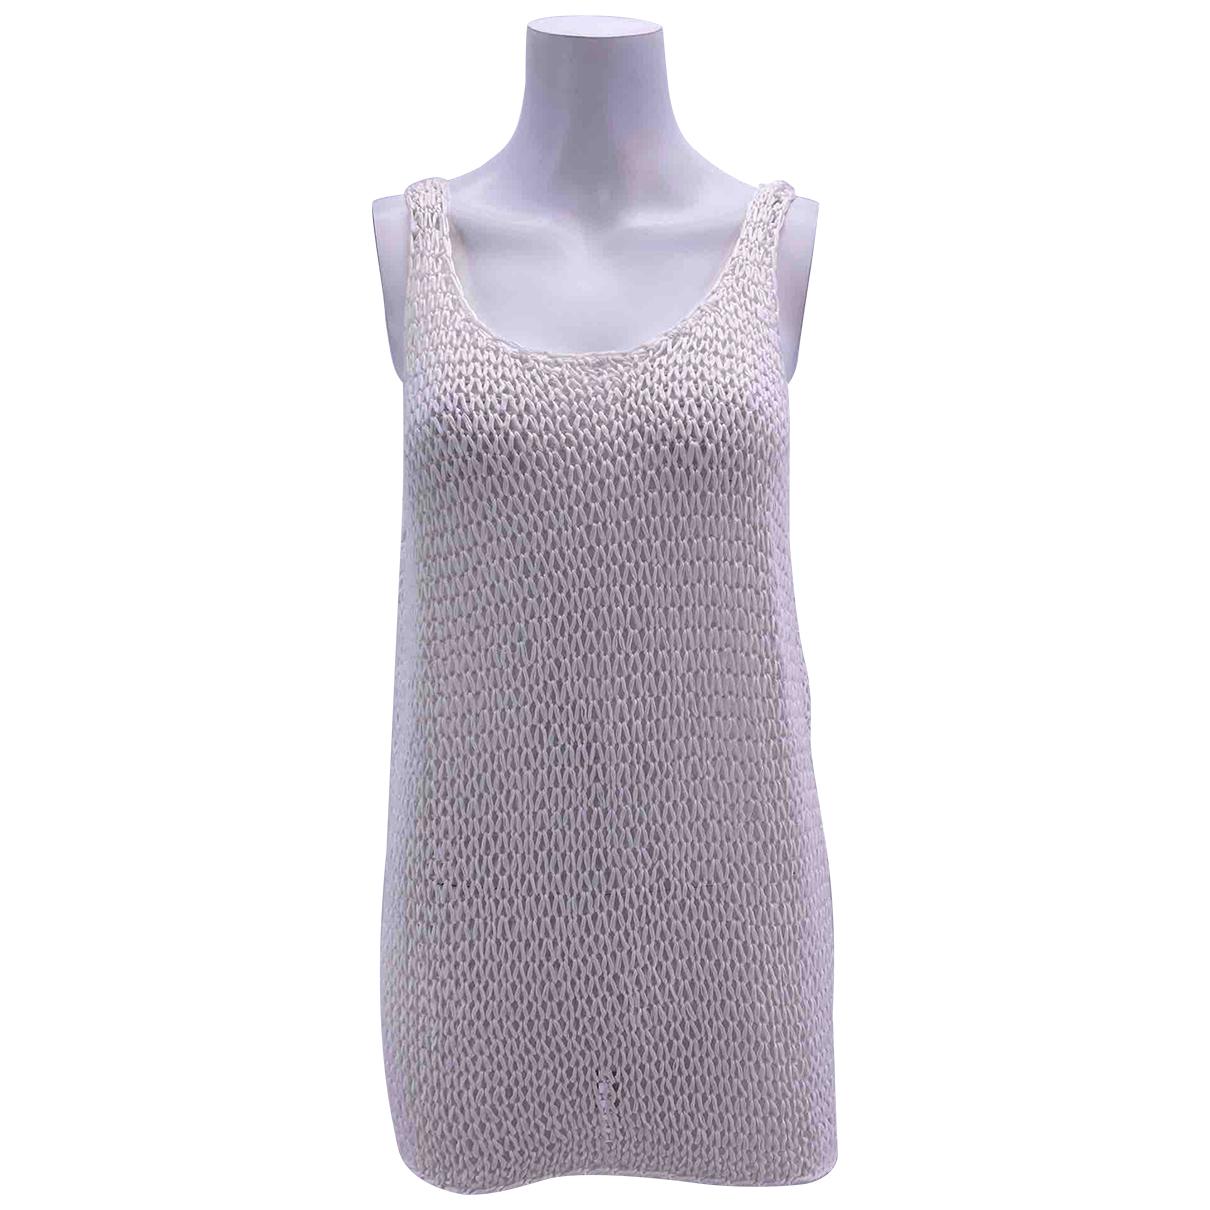 Rag & Bone - Top   pour femme en coton - blanc